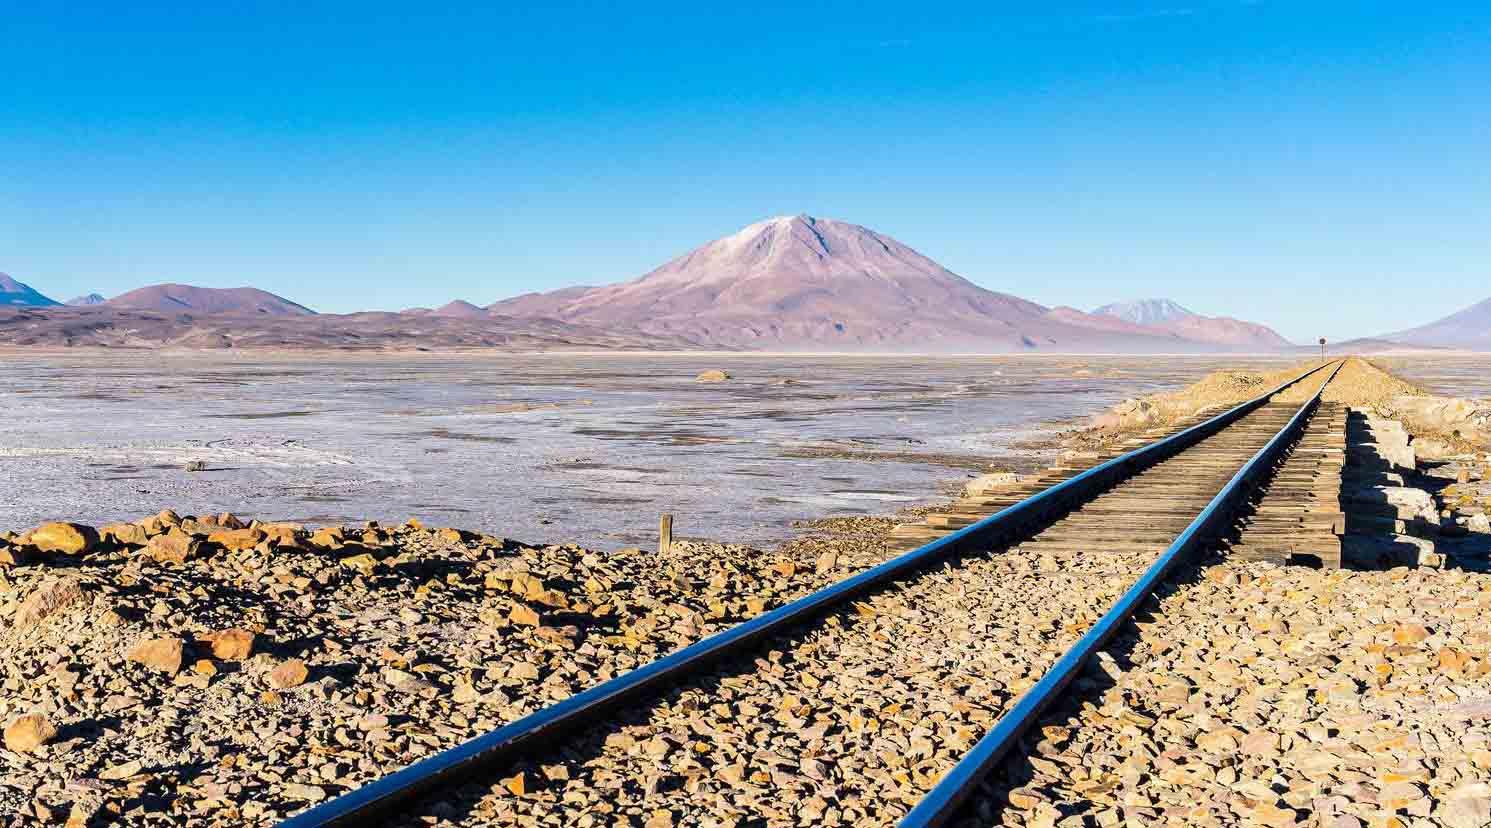 """La línea de ferrocarril recibió como nombre """"Corredor Ferroviario Bioceánico de Integración"""" y cruzará Brasil, Bolivia y Perú"""